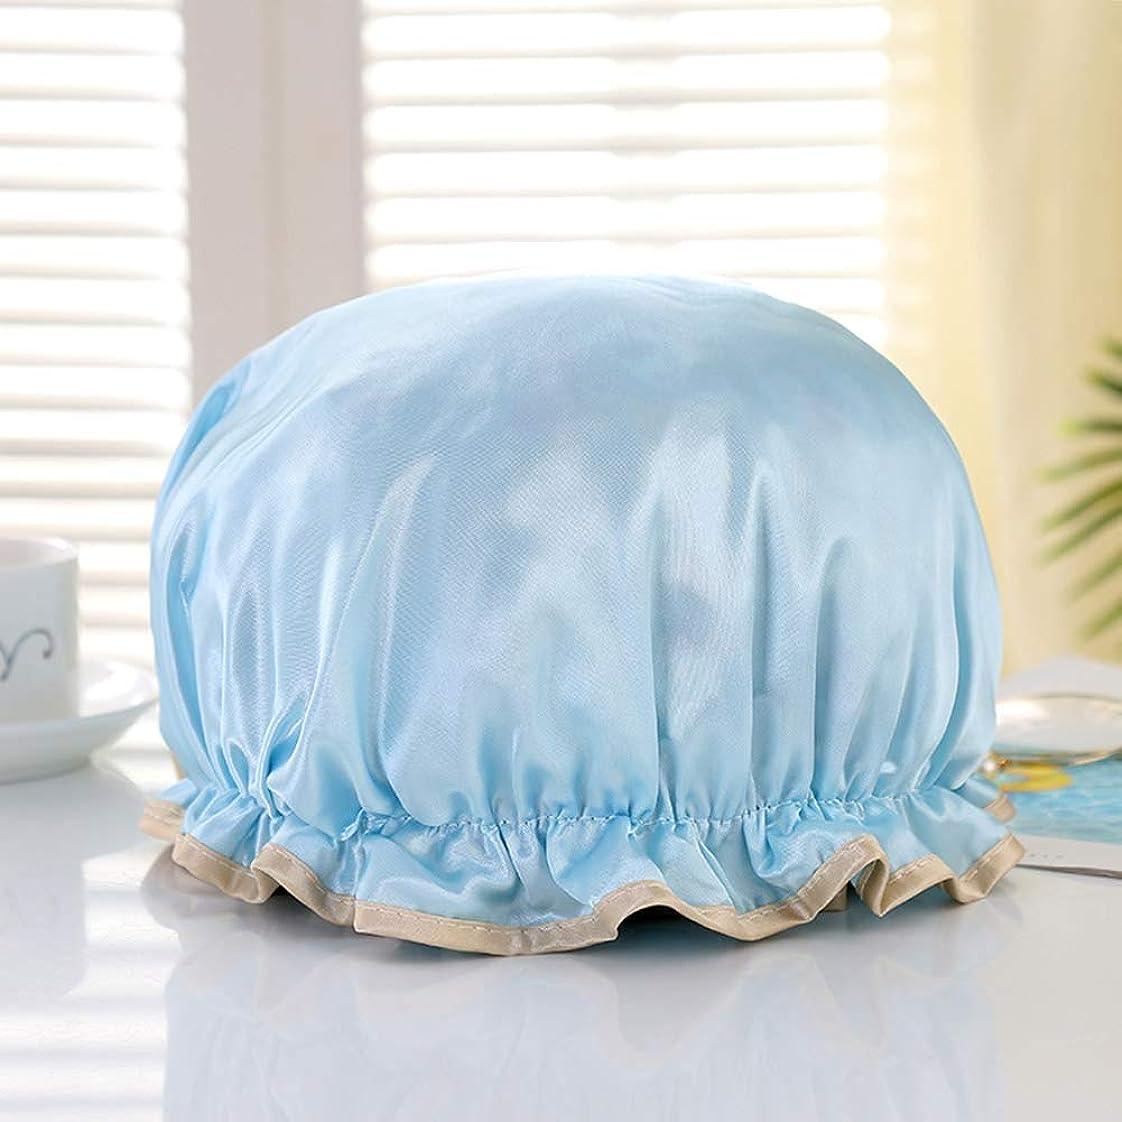 質素なにおい建物Papiroom シャワーキャップ ヘアキャップ ヘアーキャップ ヘアーターバン 入浴キャップ 帽子 お風呂 シャワー用に 浴用帽子 便利 女性 弾性 防水入浴シャワーキャップ 再使用可能(ブルー)